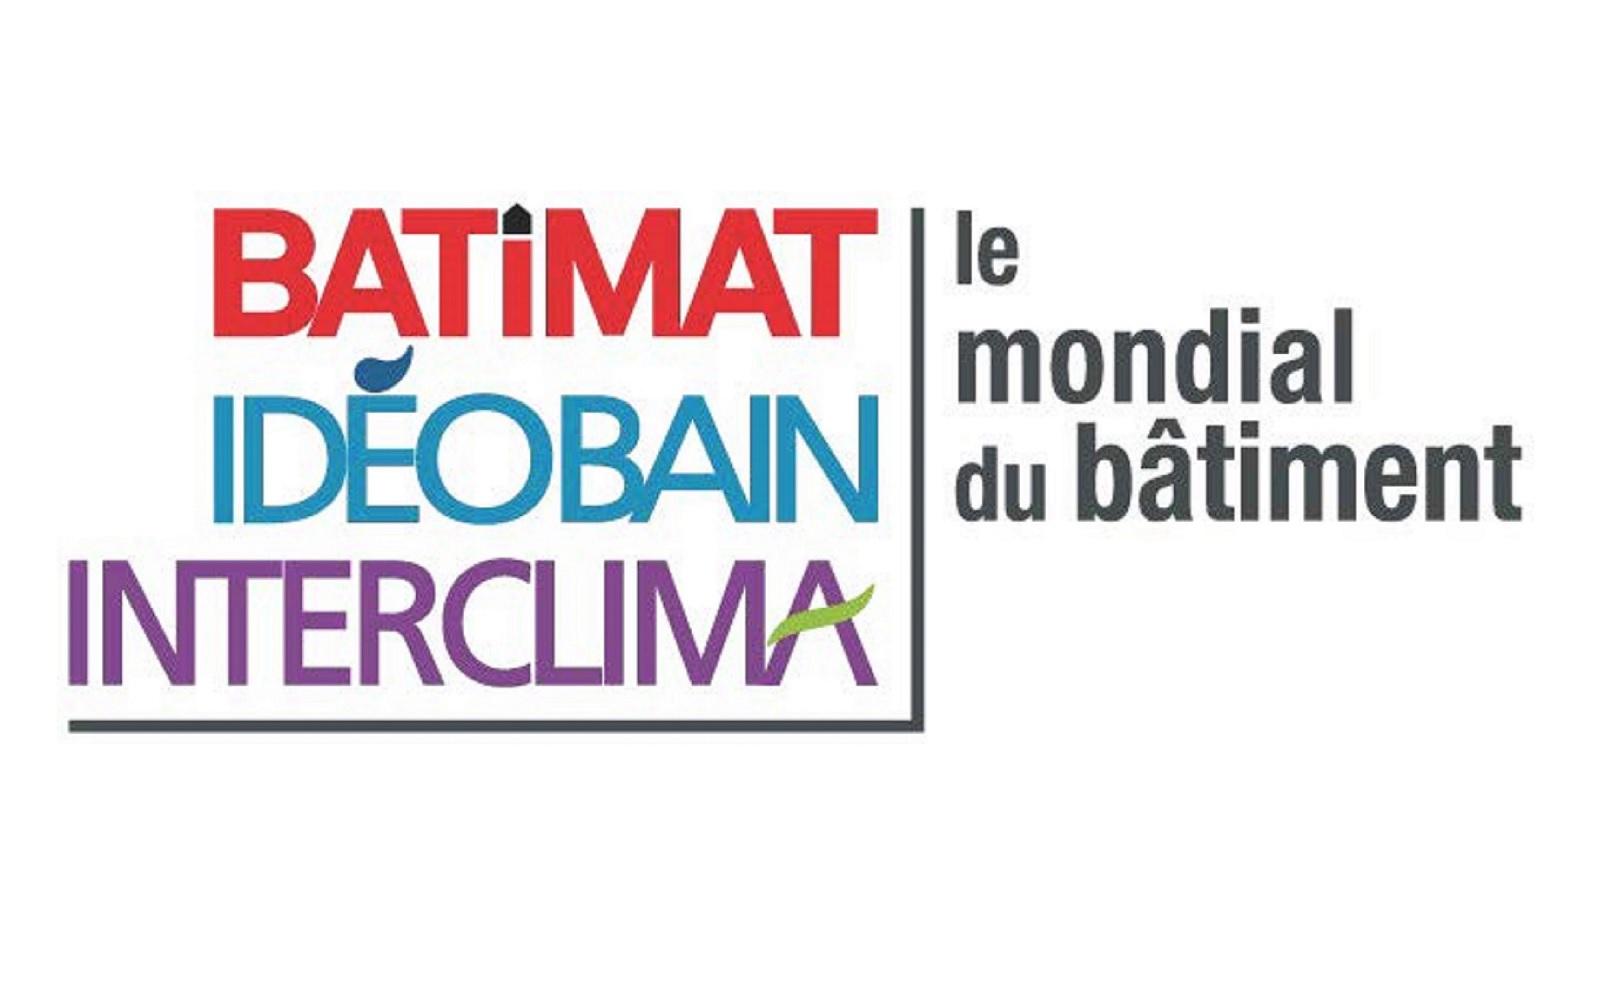 Διεθνής Έκθεση Κατασκευών 'Mondial du Bâtiment' Παρίσι, 3-6 Οκτωβρίου 2022